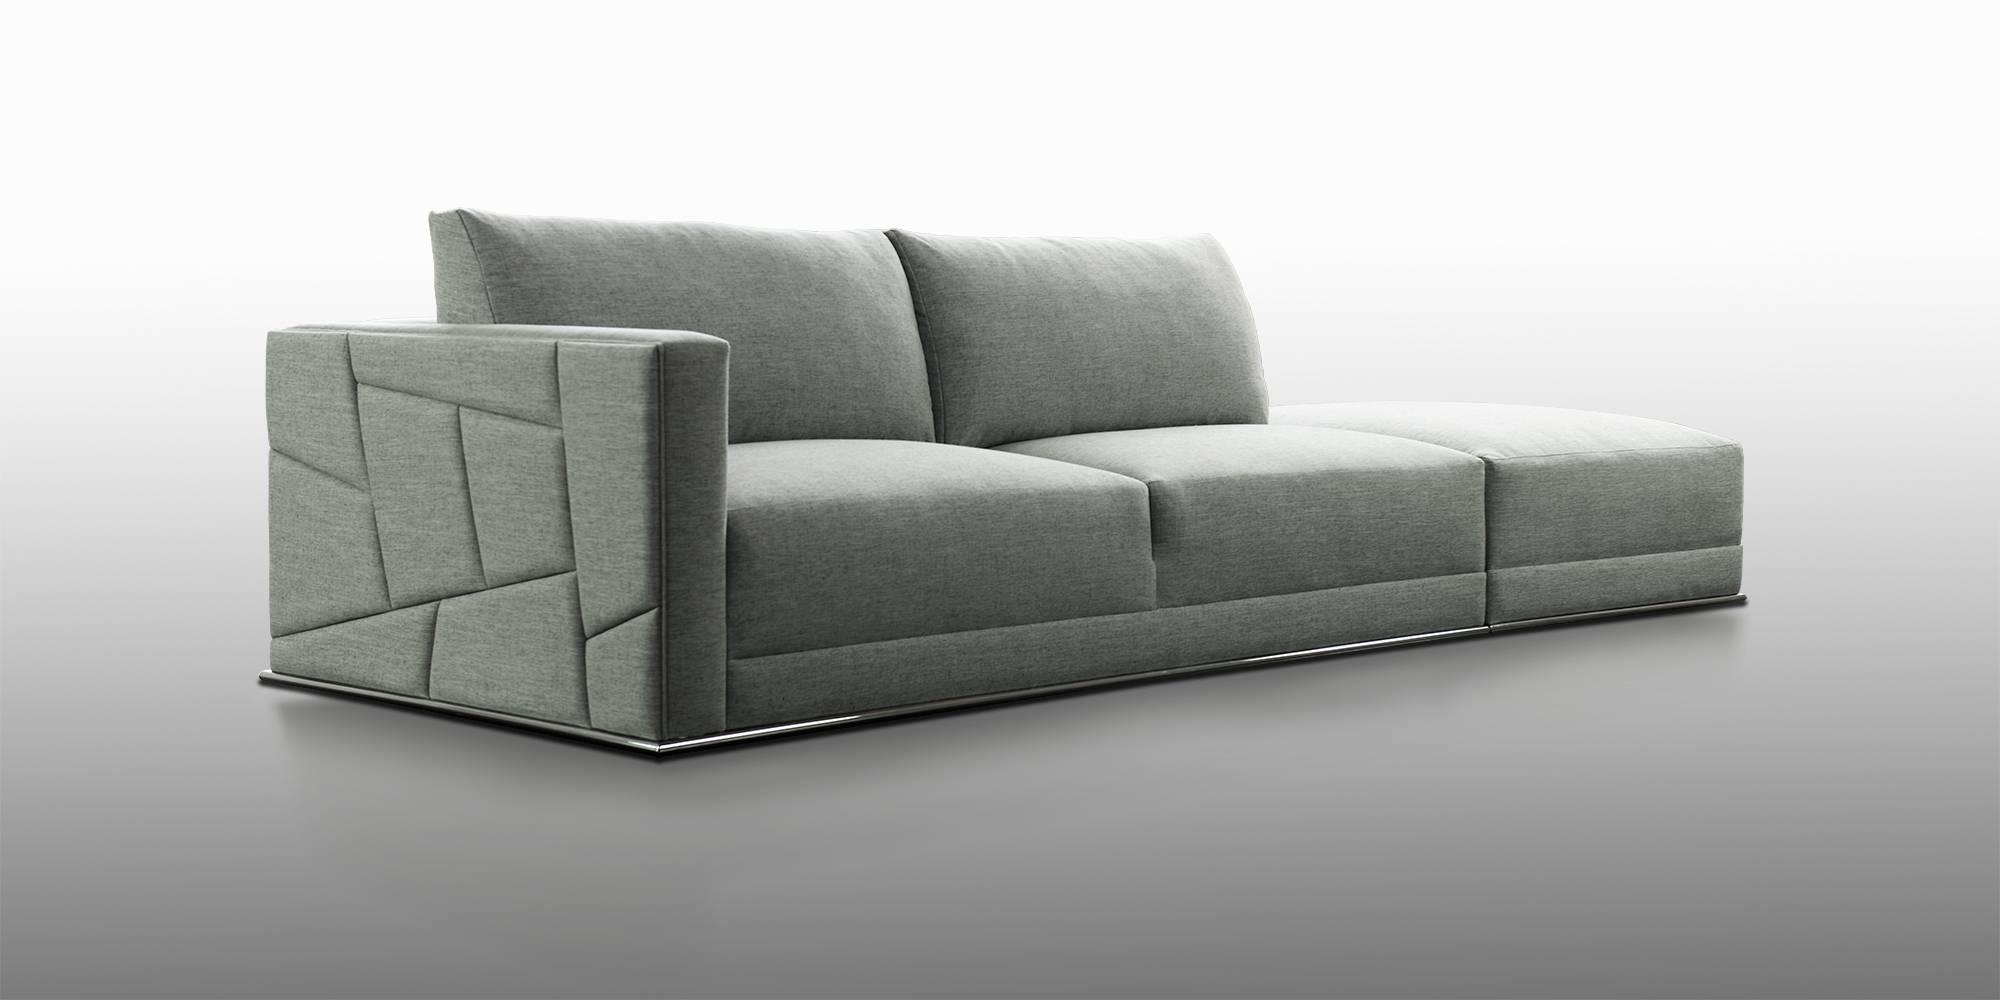 Elan Sectional - Nathan Anthony Furniture regarding Nathan Anthony Sofas (Image 6 of 15)